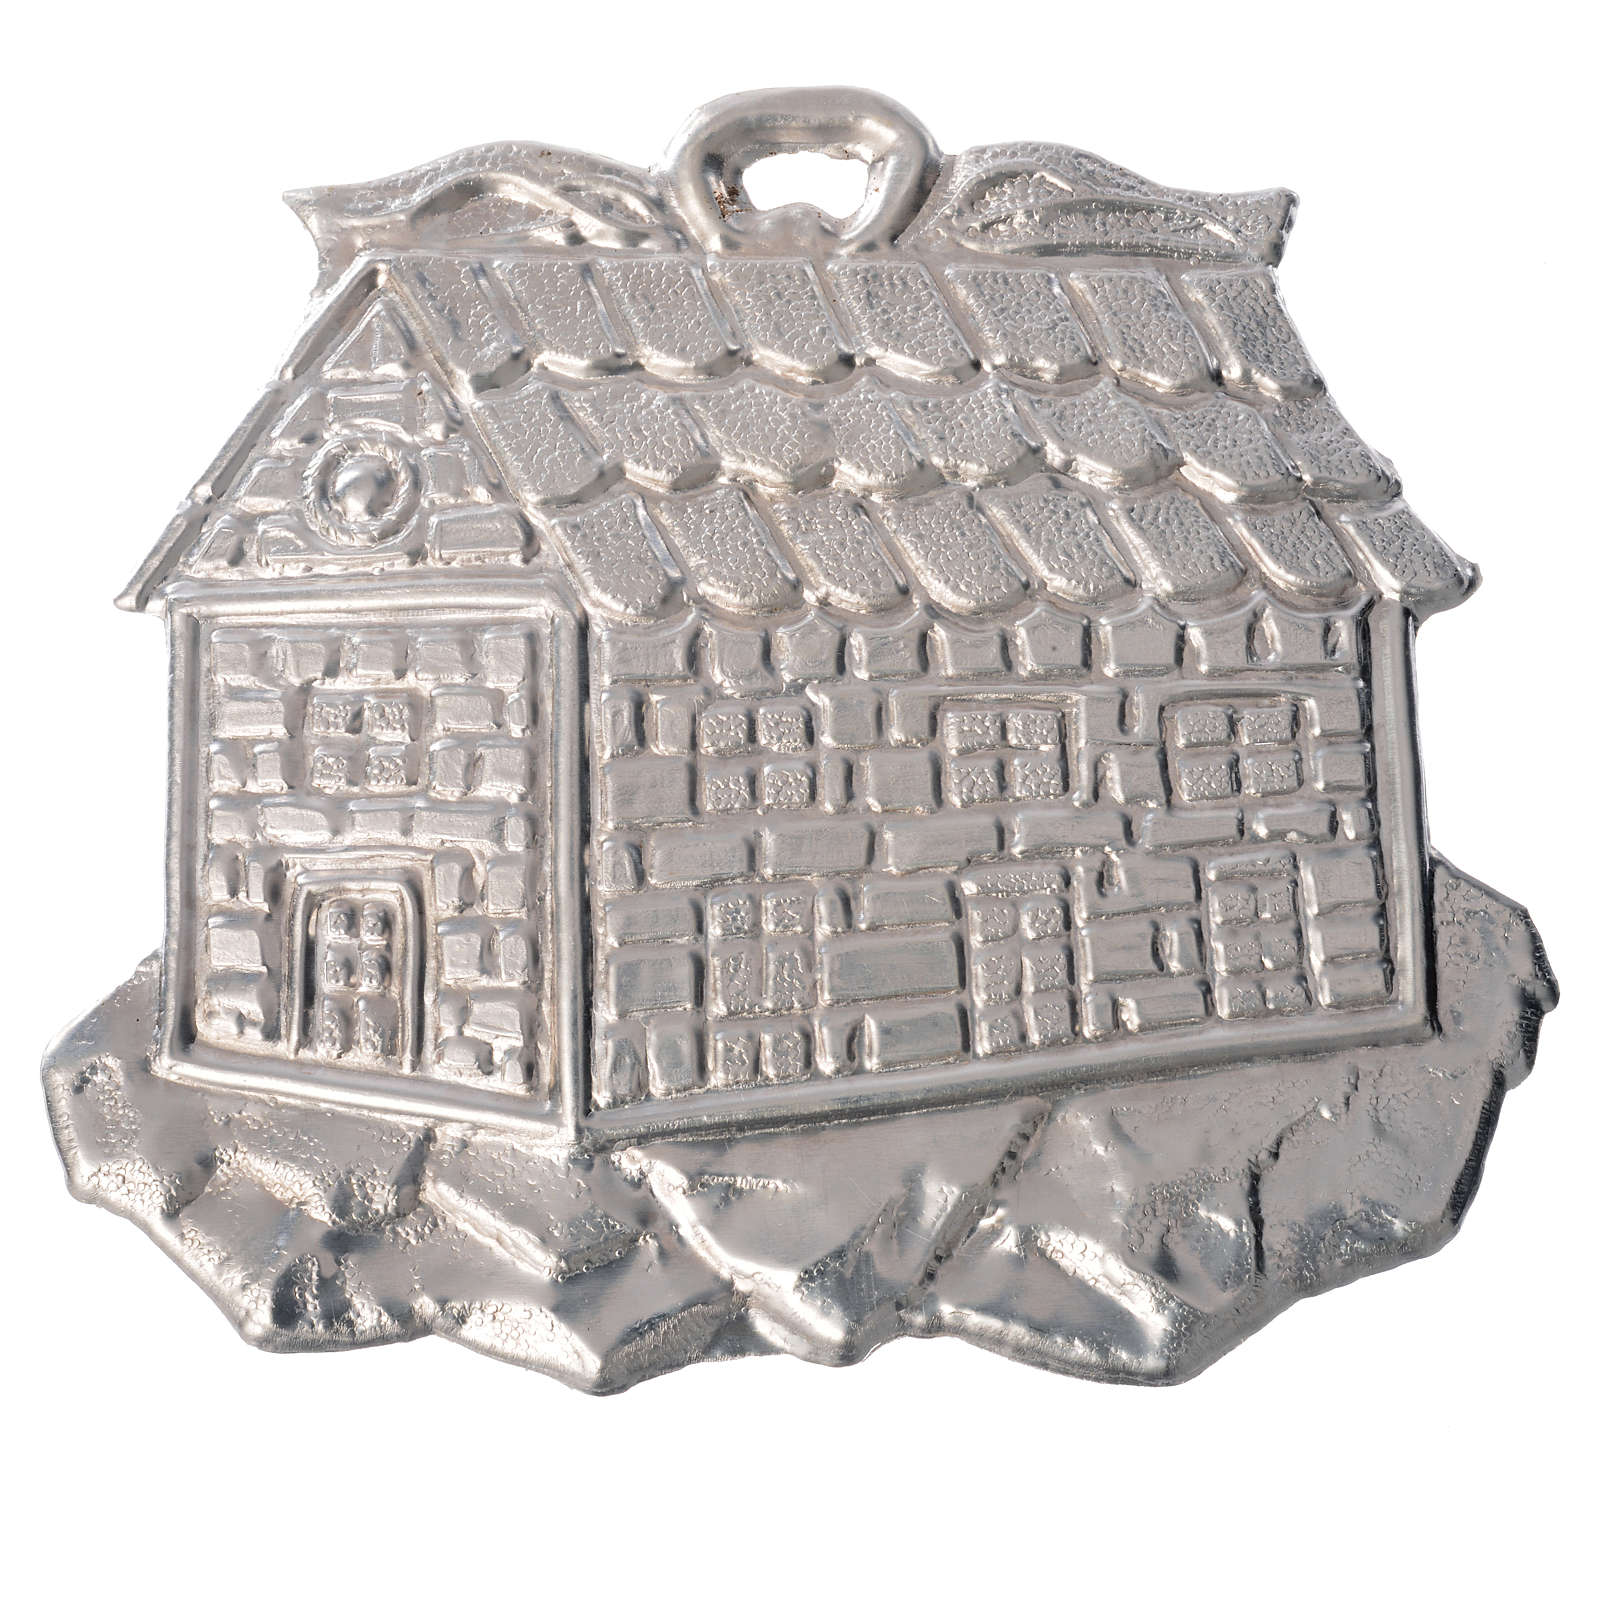 Votivgabe Haus Aus 925er Silber Oder Metall Cm